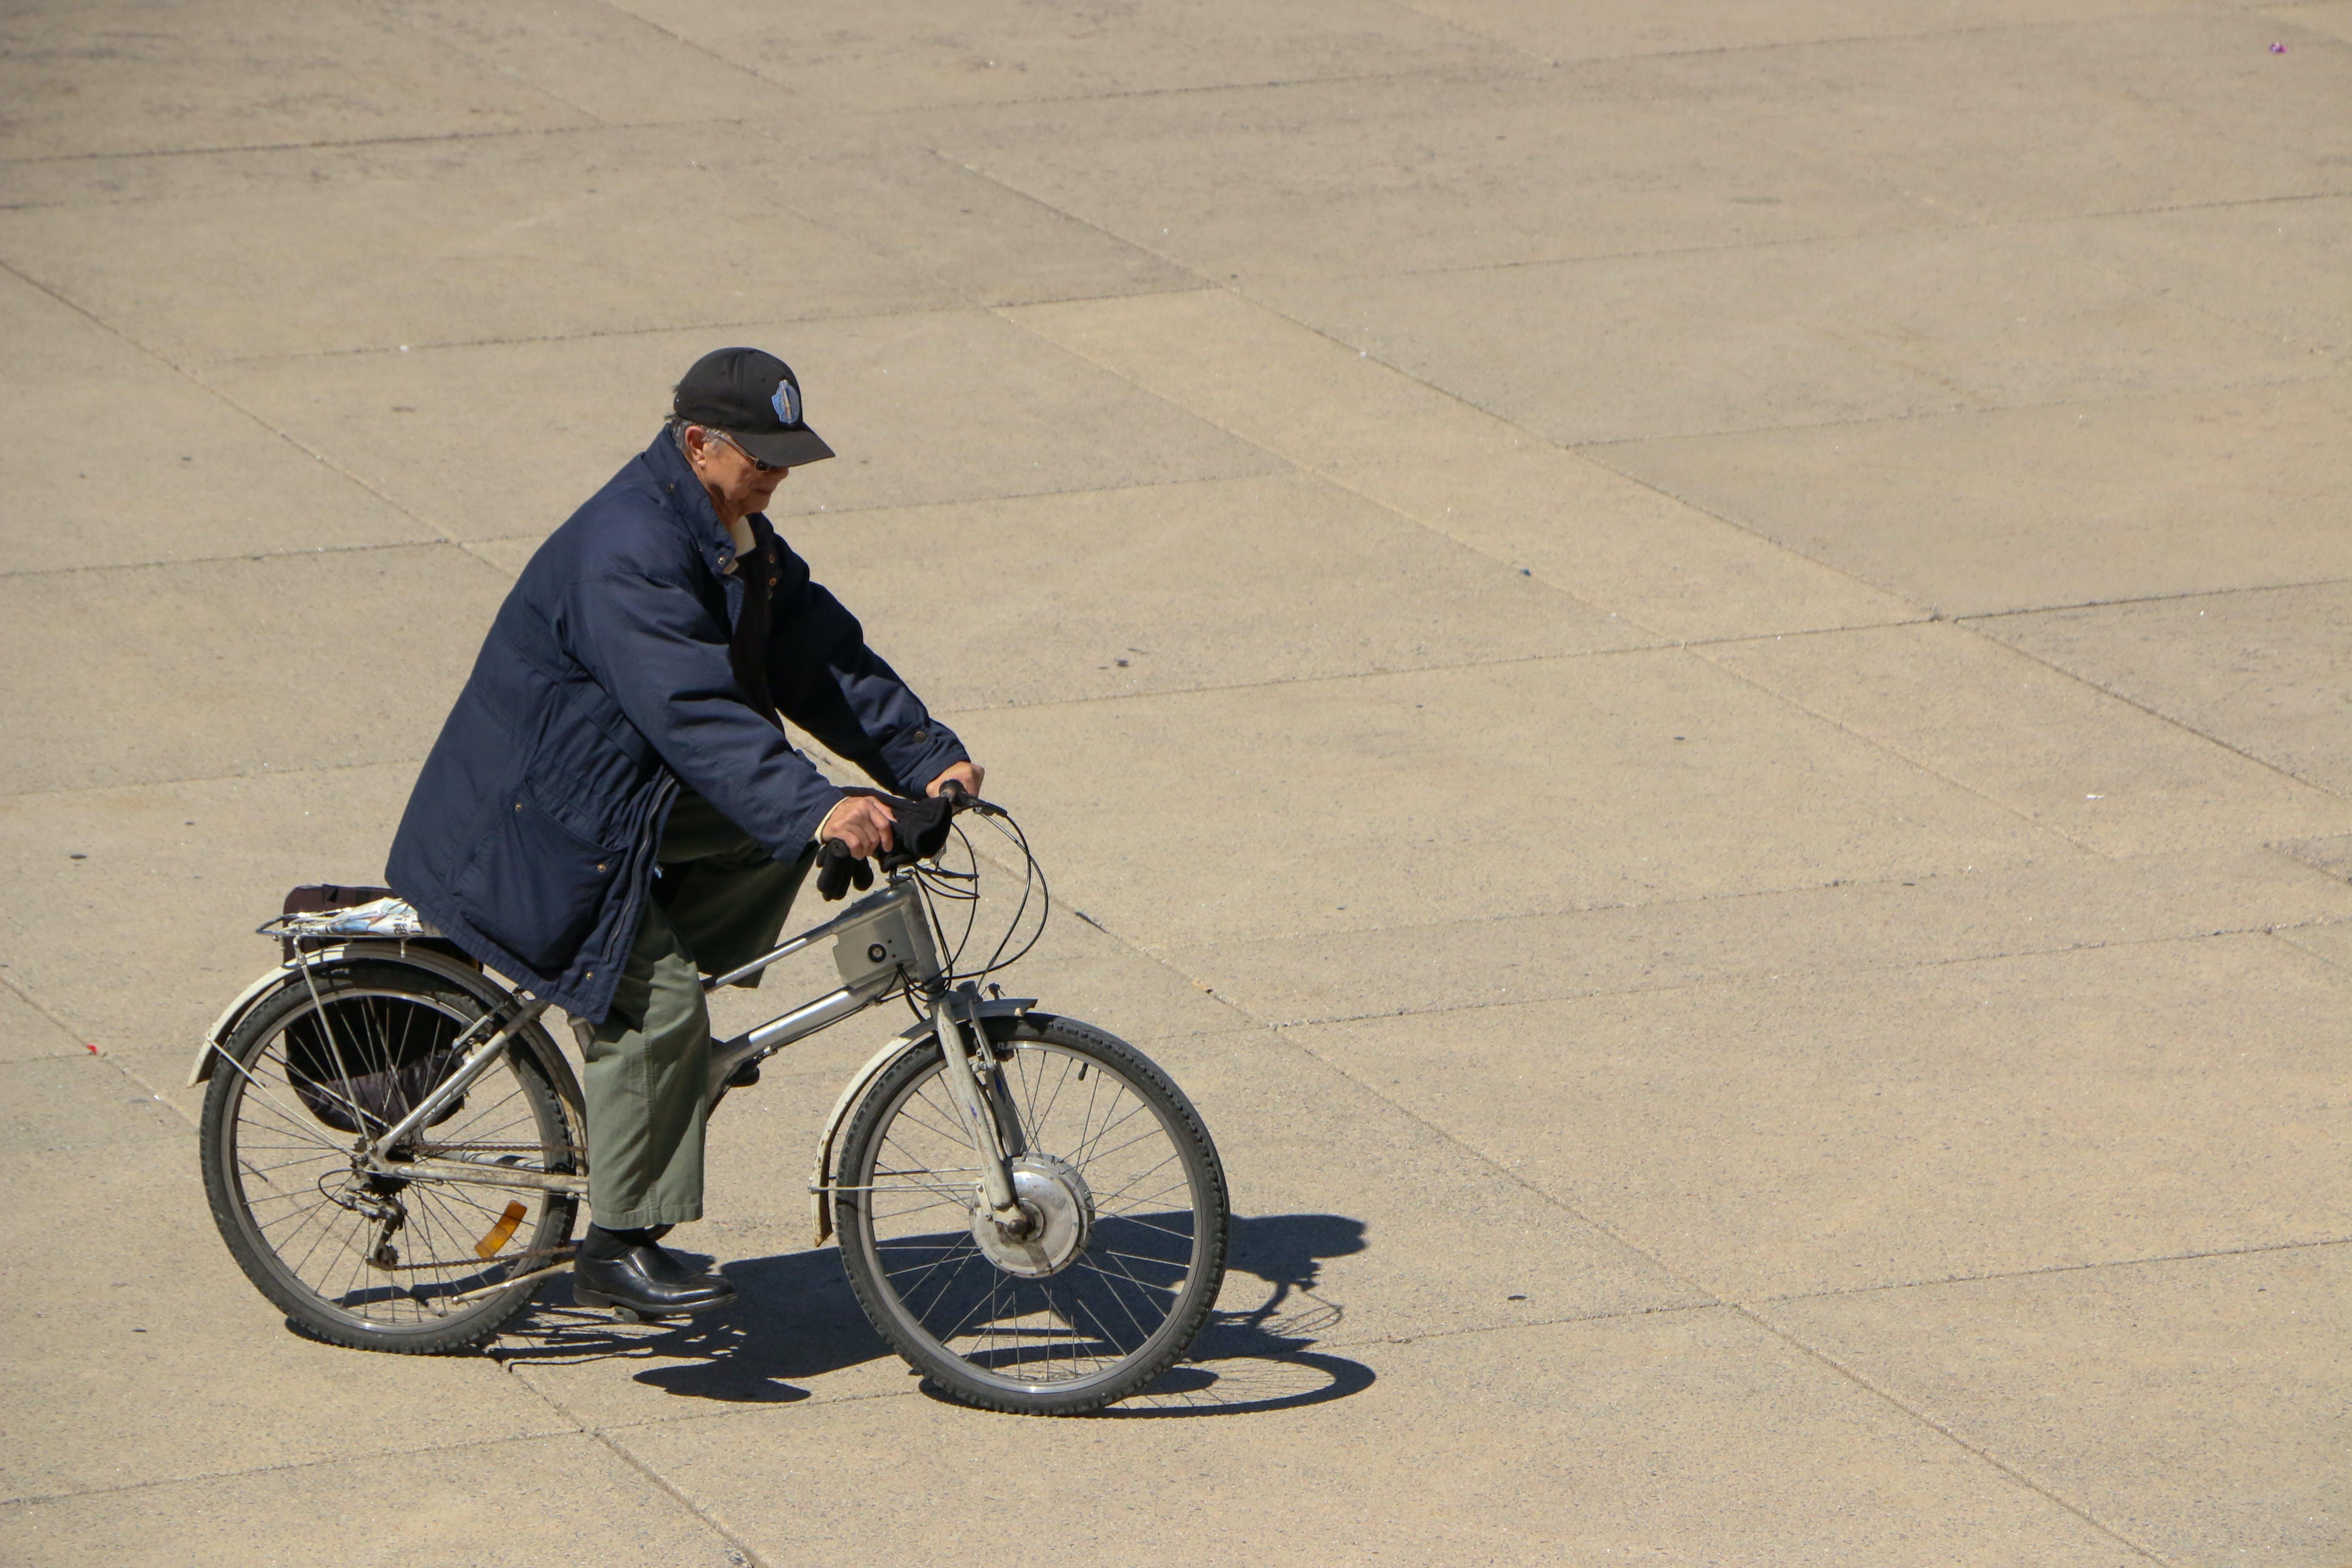 건강, 늙은 남성, 사이클링, 오토바이 라이더의 무료 스톡 사진